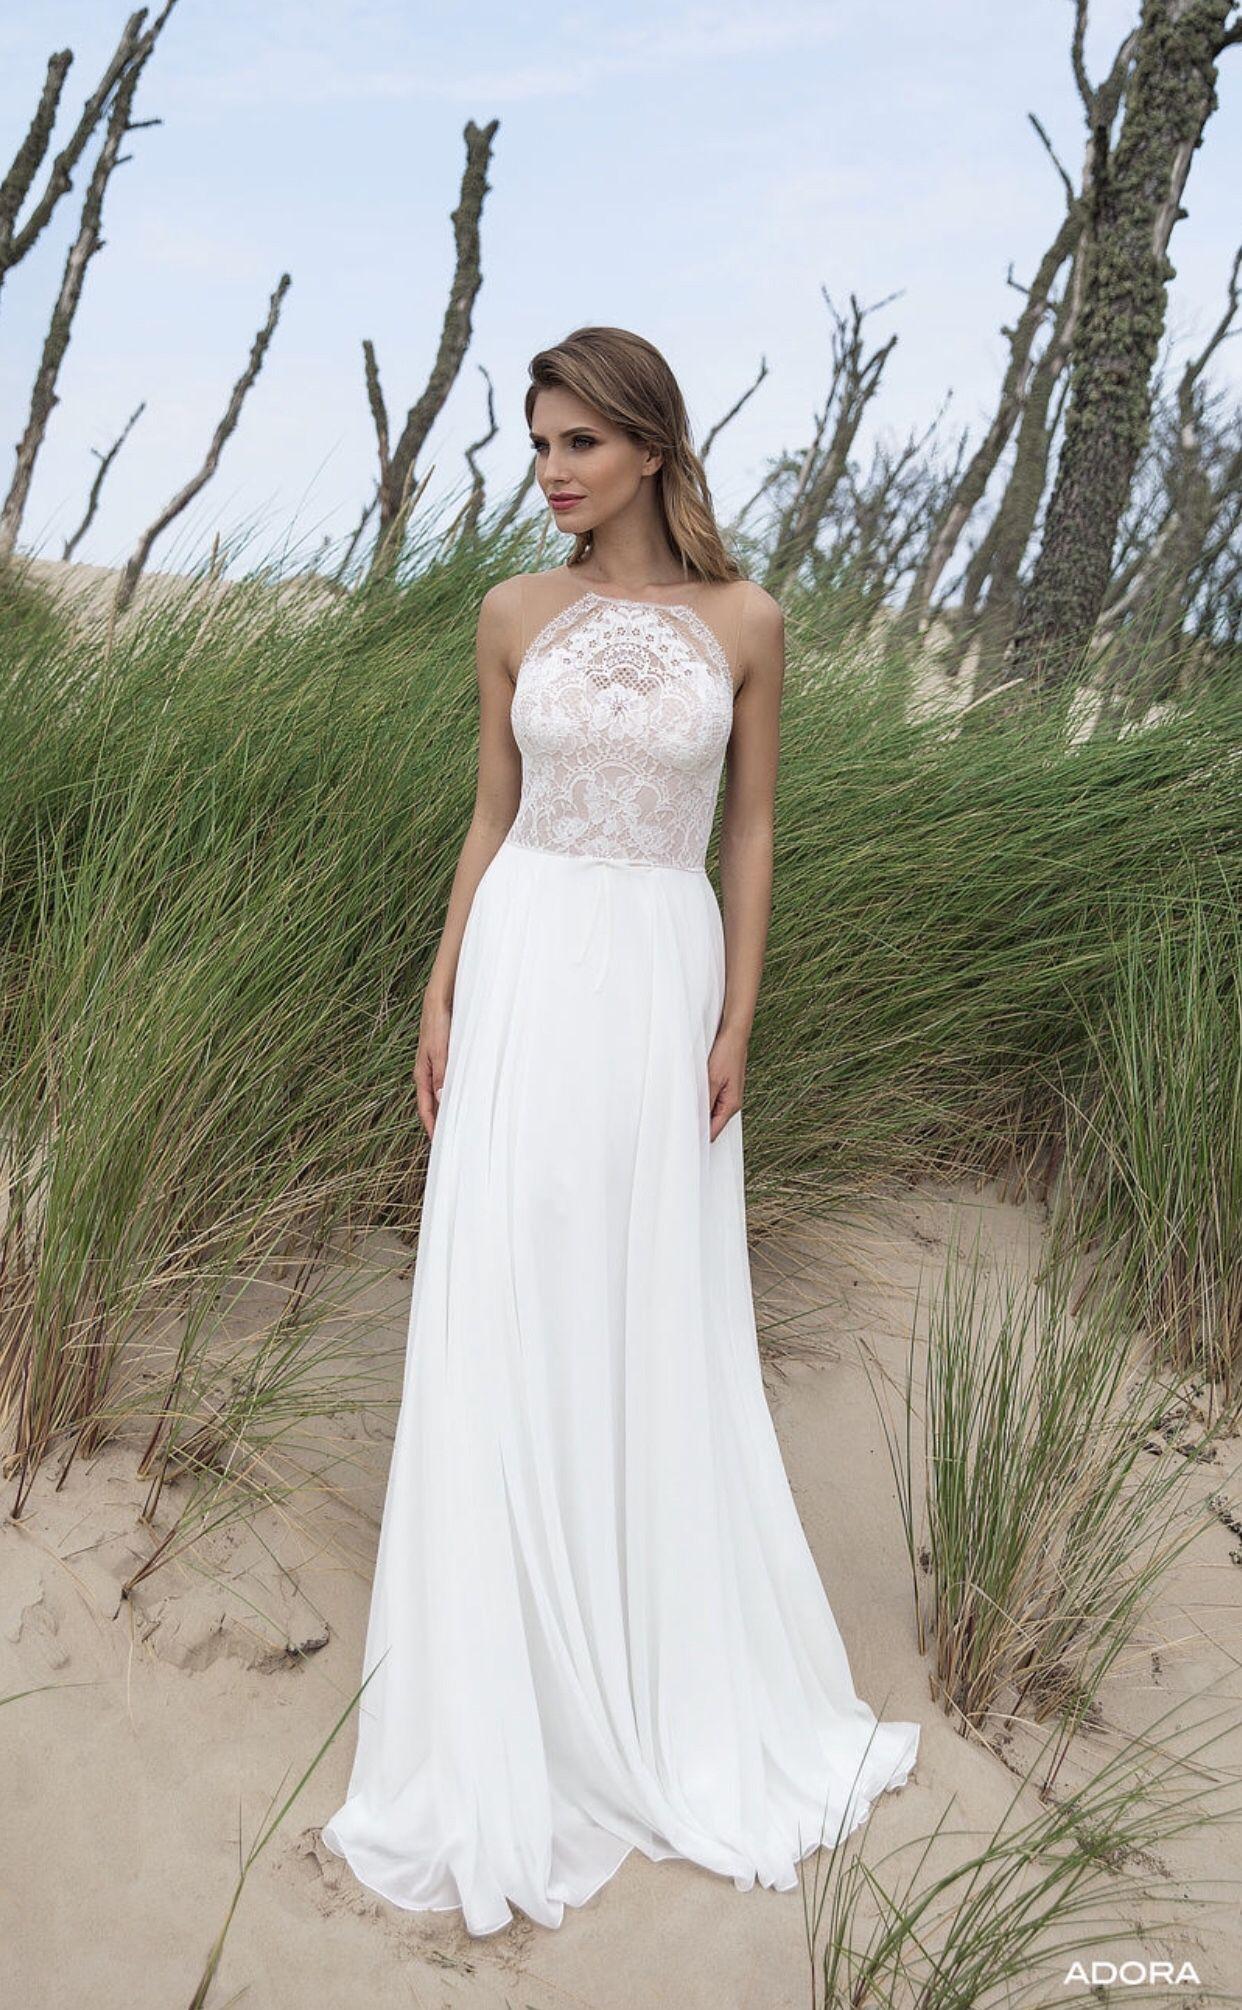 Le Rina - Brautkleid Adora  Brautmode, Kleid hochzeit, Brautkleid